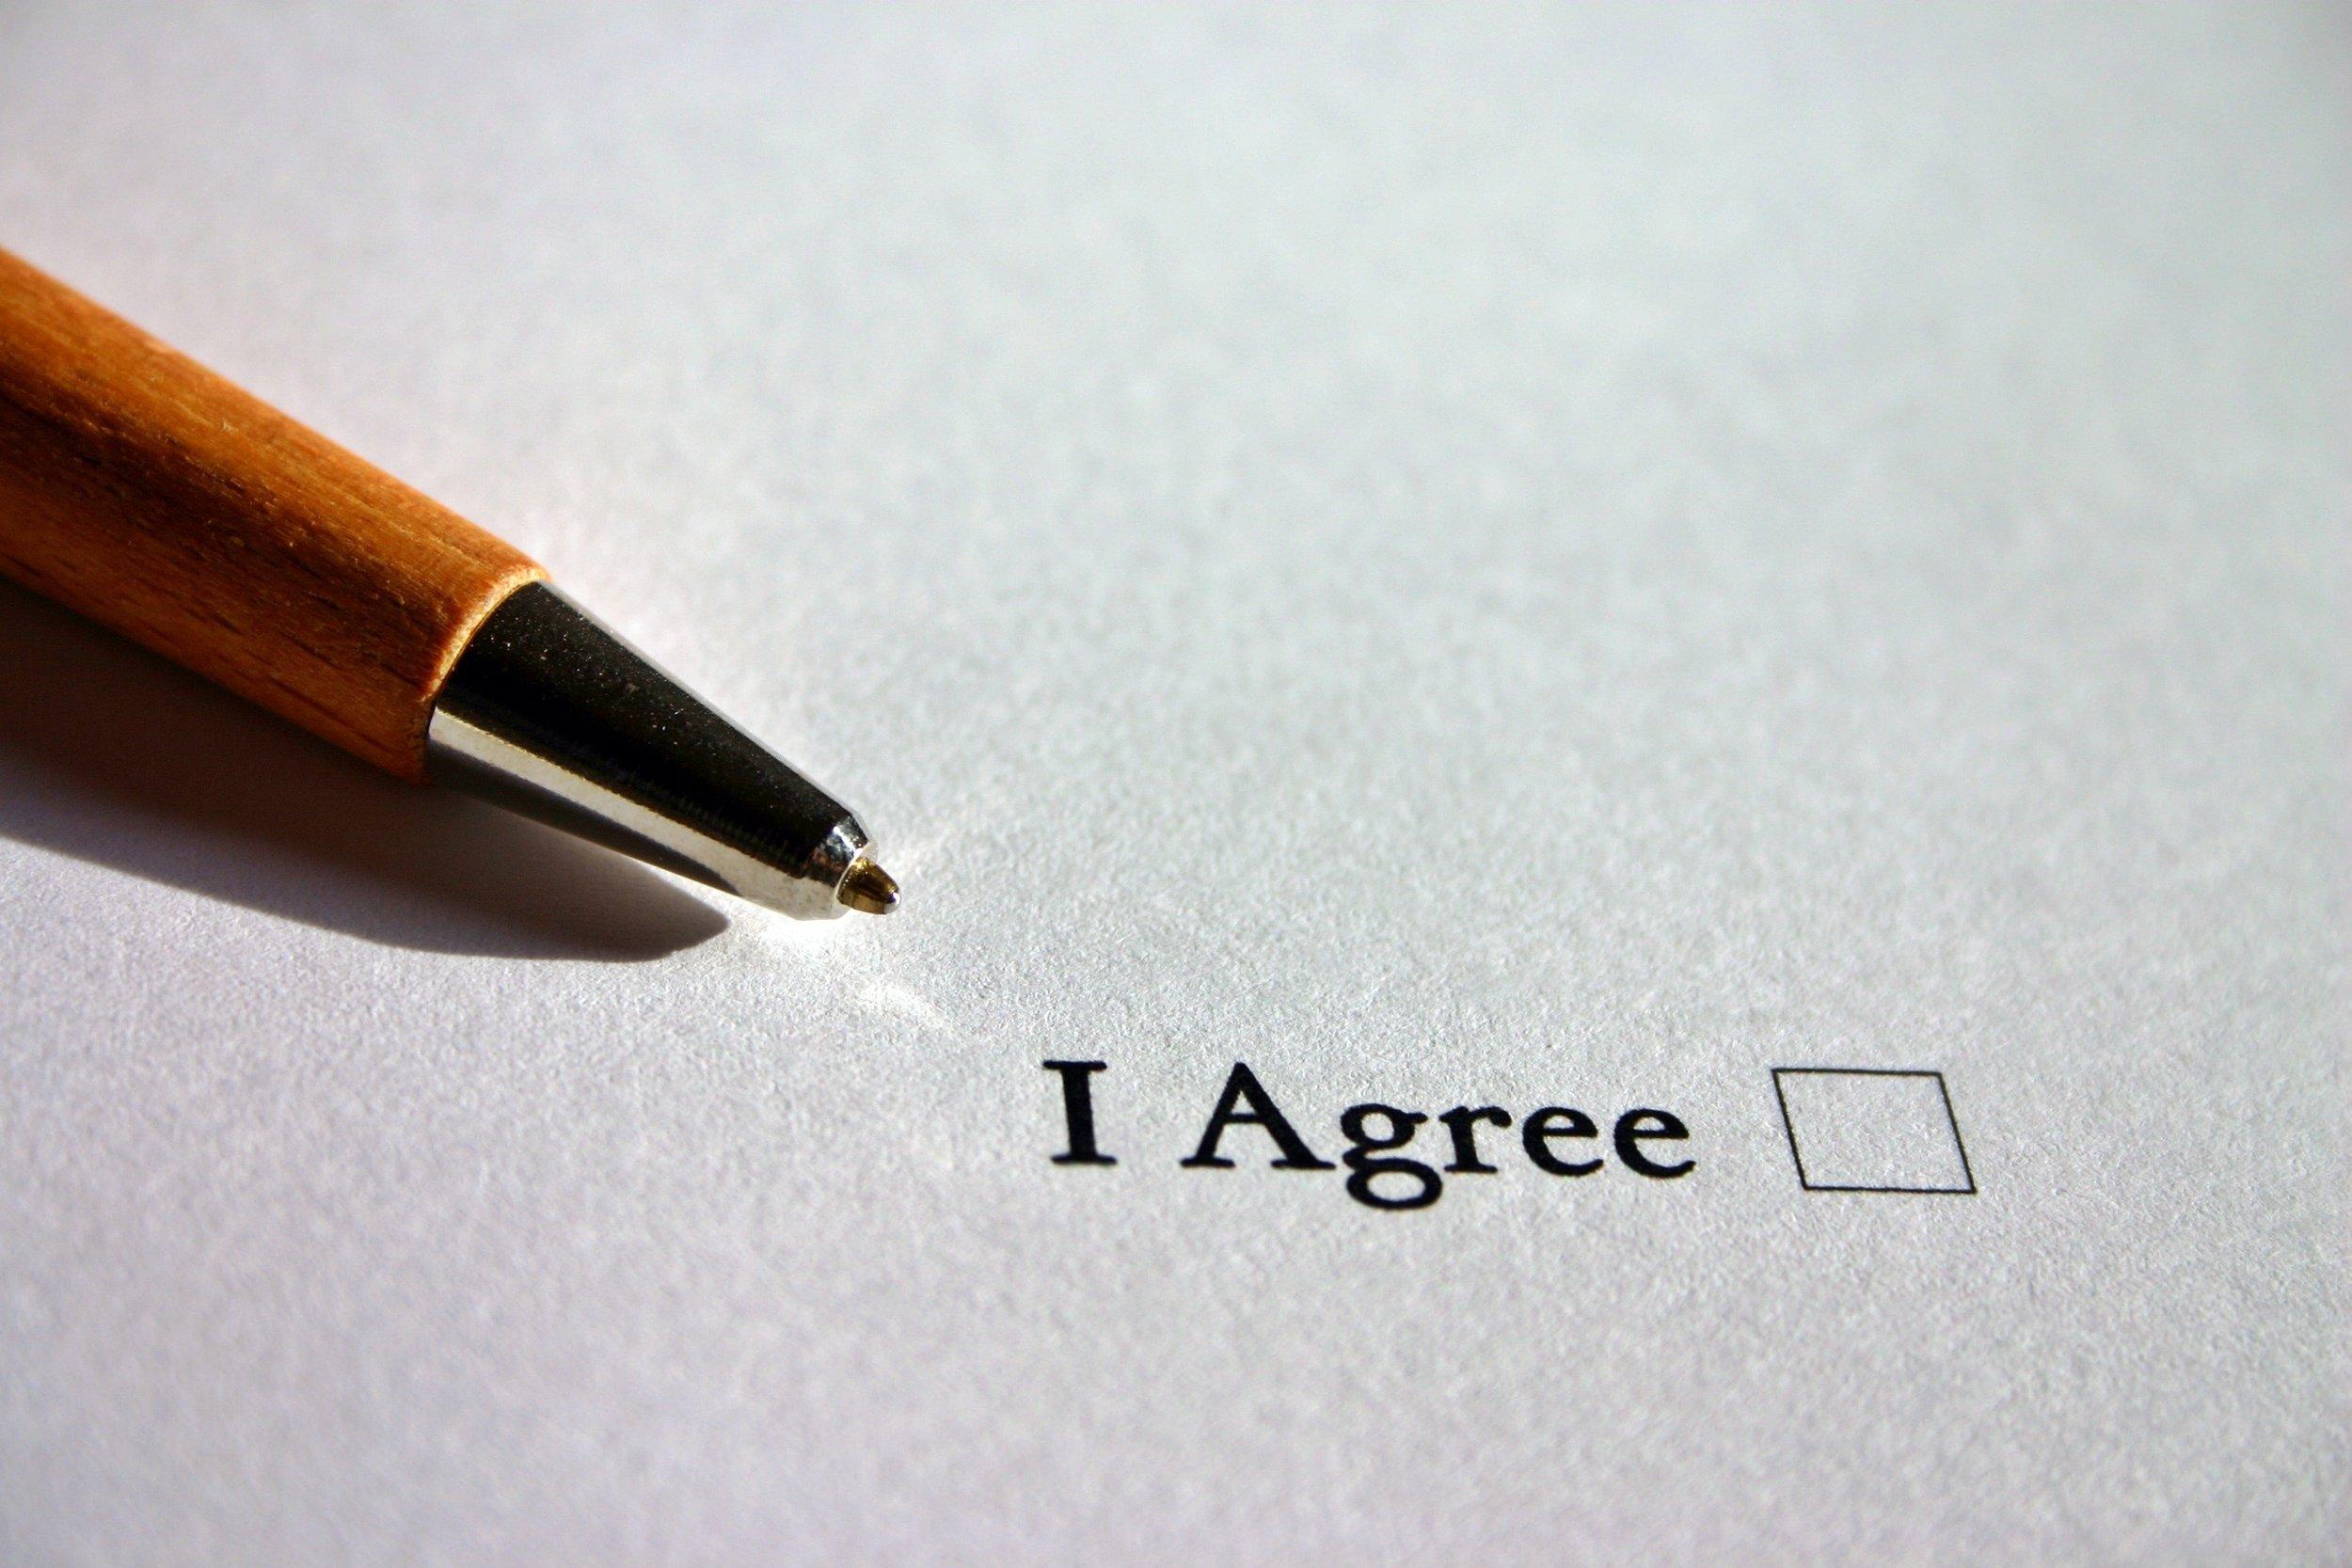 6. Concept overeenkomst - Bij overeenstemming zullen wij er zorg voor dragen dat er een concept overeenkomst op tafel komt. Wanneer hieraan nog aanpassingen gewenst zijn zullen deze zoveel mogelijk worden gladgestreken voordat het definitieve contract kan worden getekend.